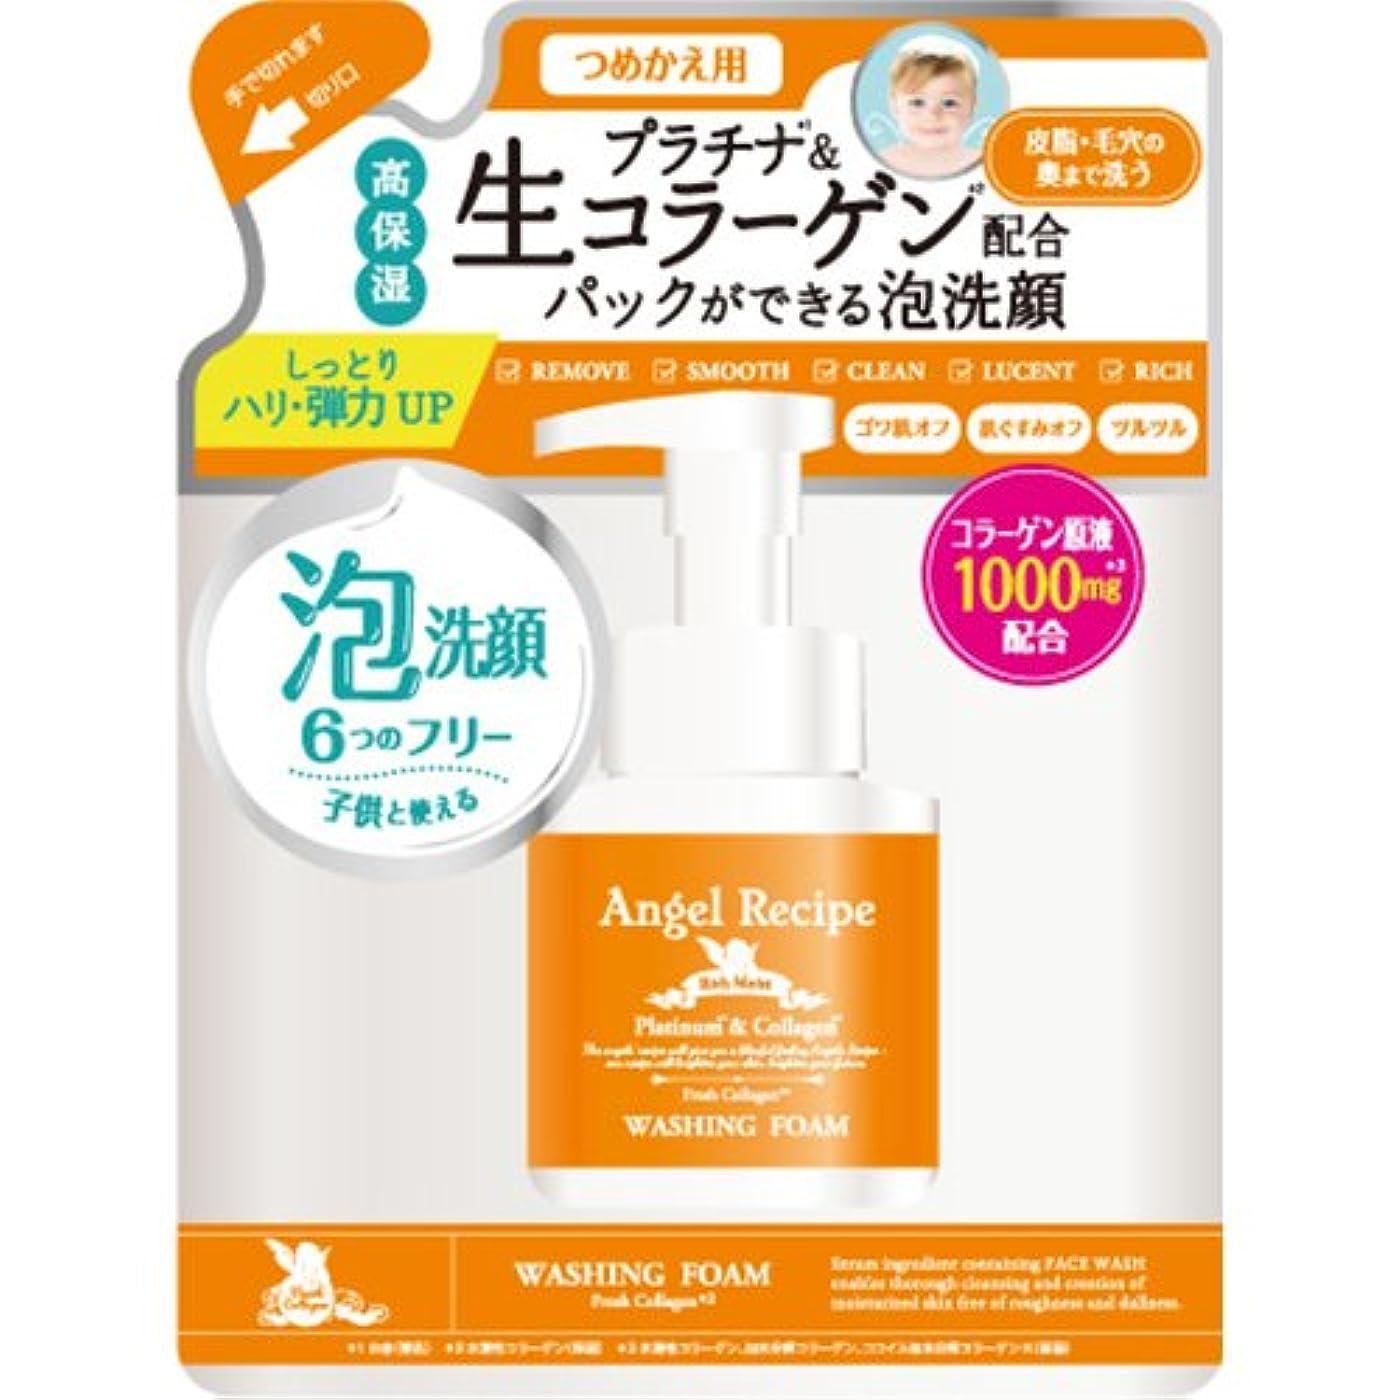 アイザック生命体タービンAngelRecipe エンジェルレシピ リッチモイスト 泡洗顔 詰替え 130ml